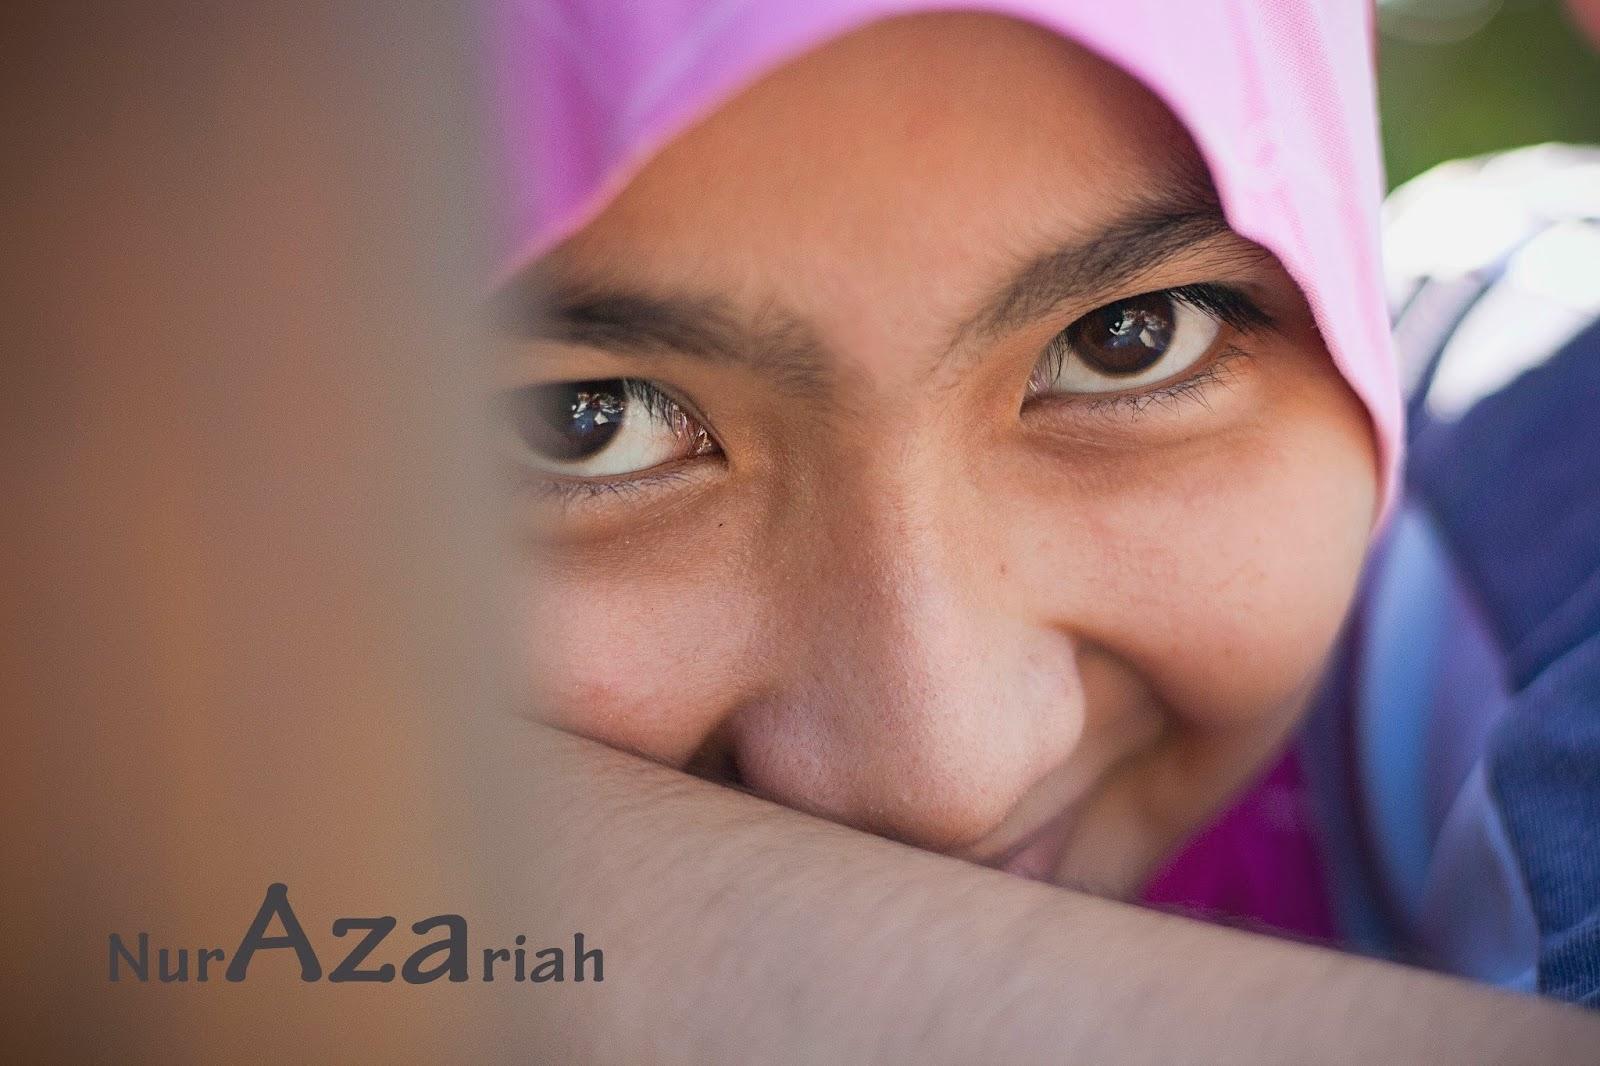 nurazariah azali